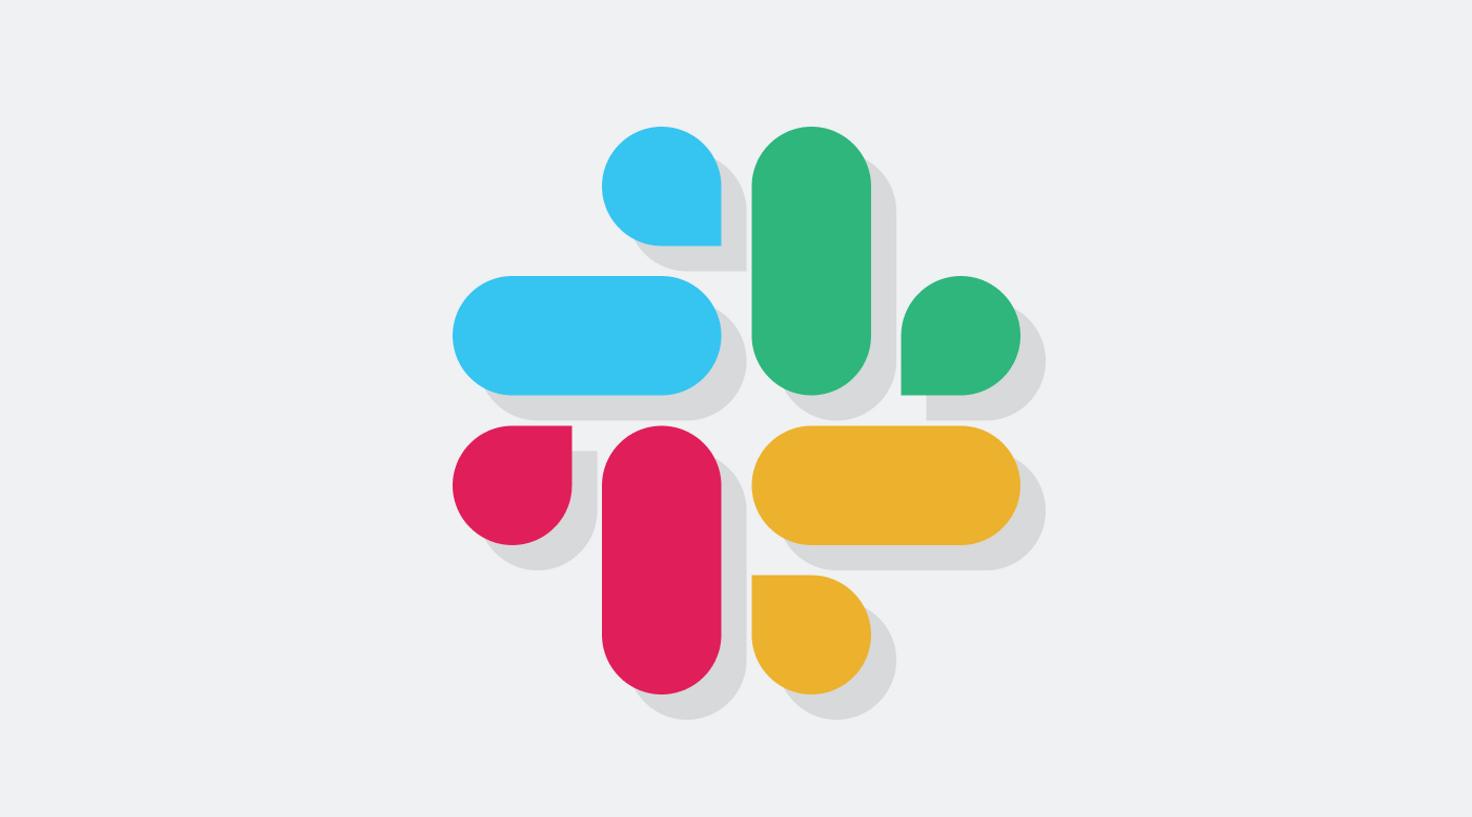 Image with Slack logo on light grey background